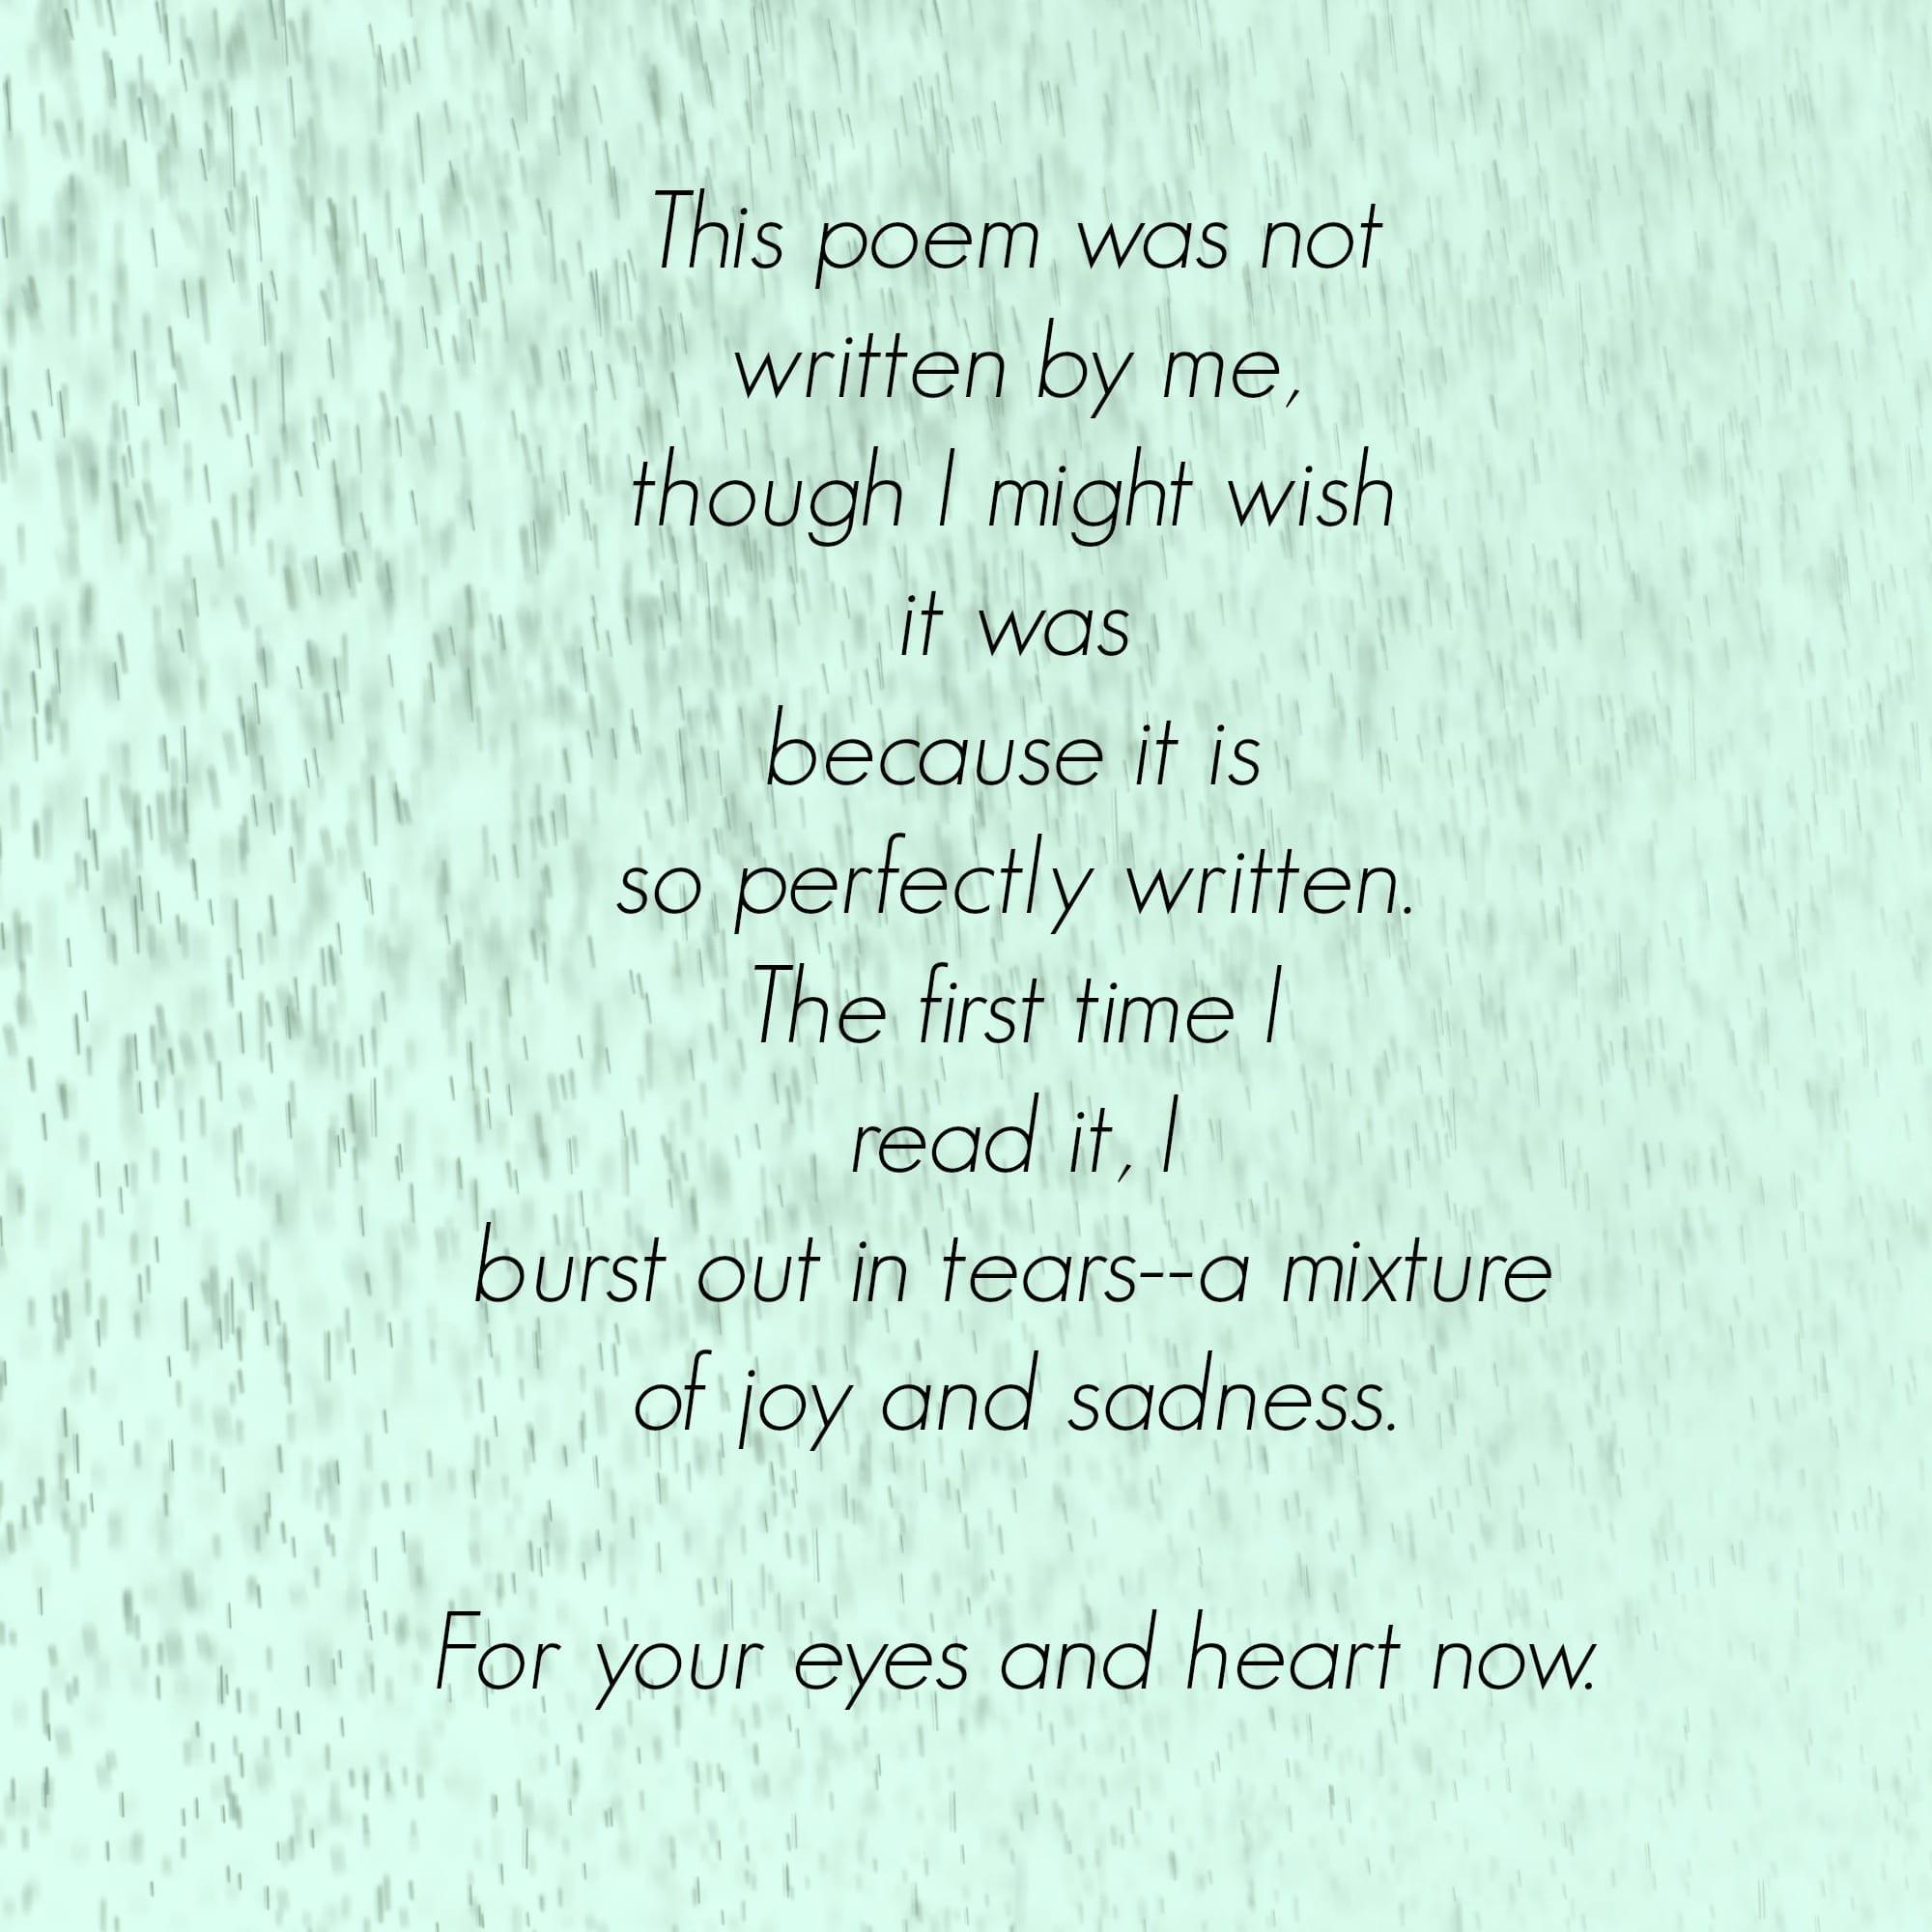 intro to poem